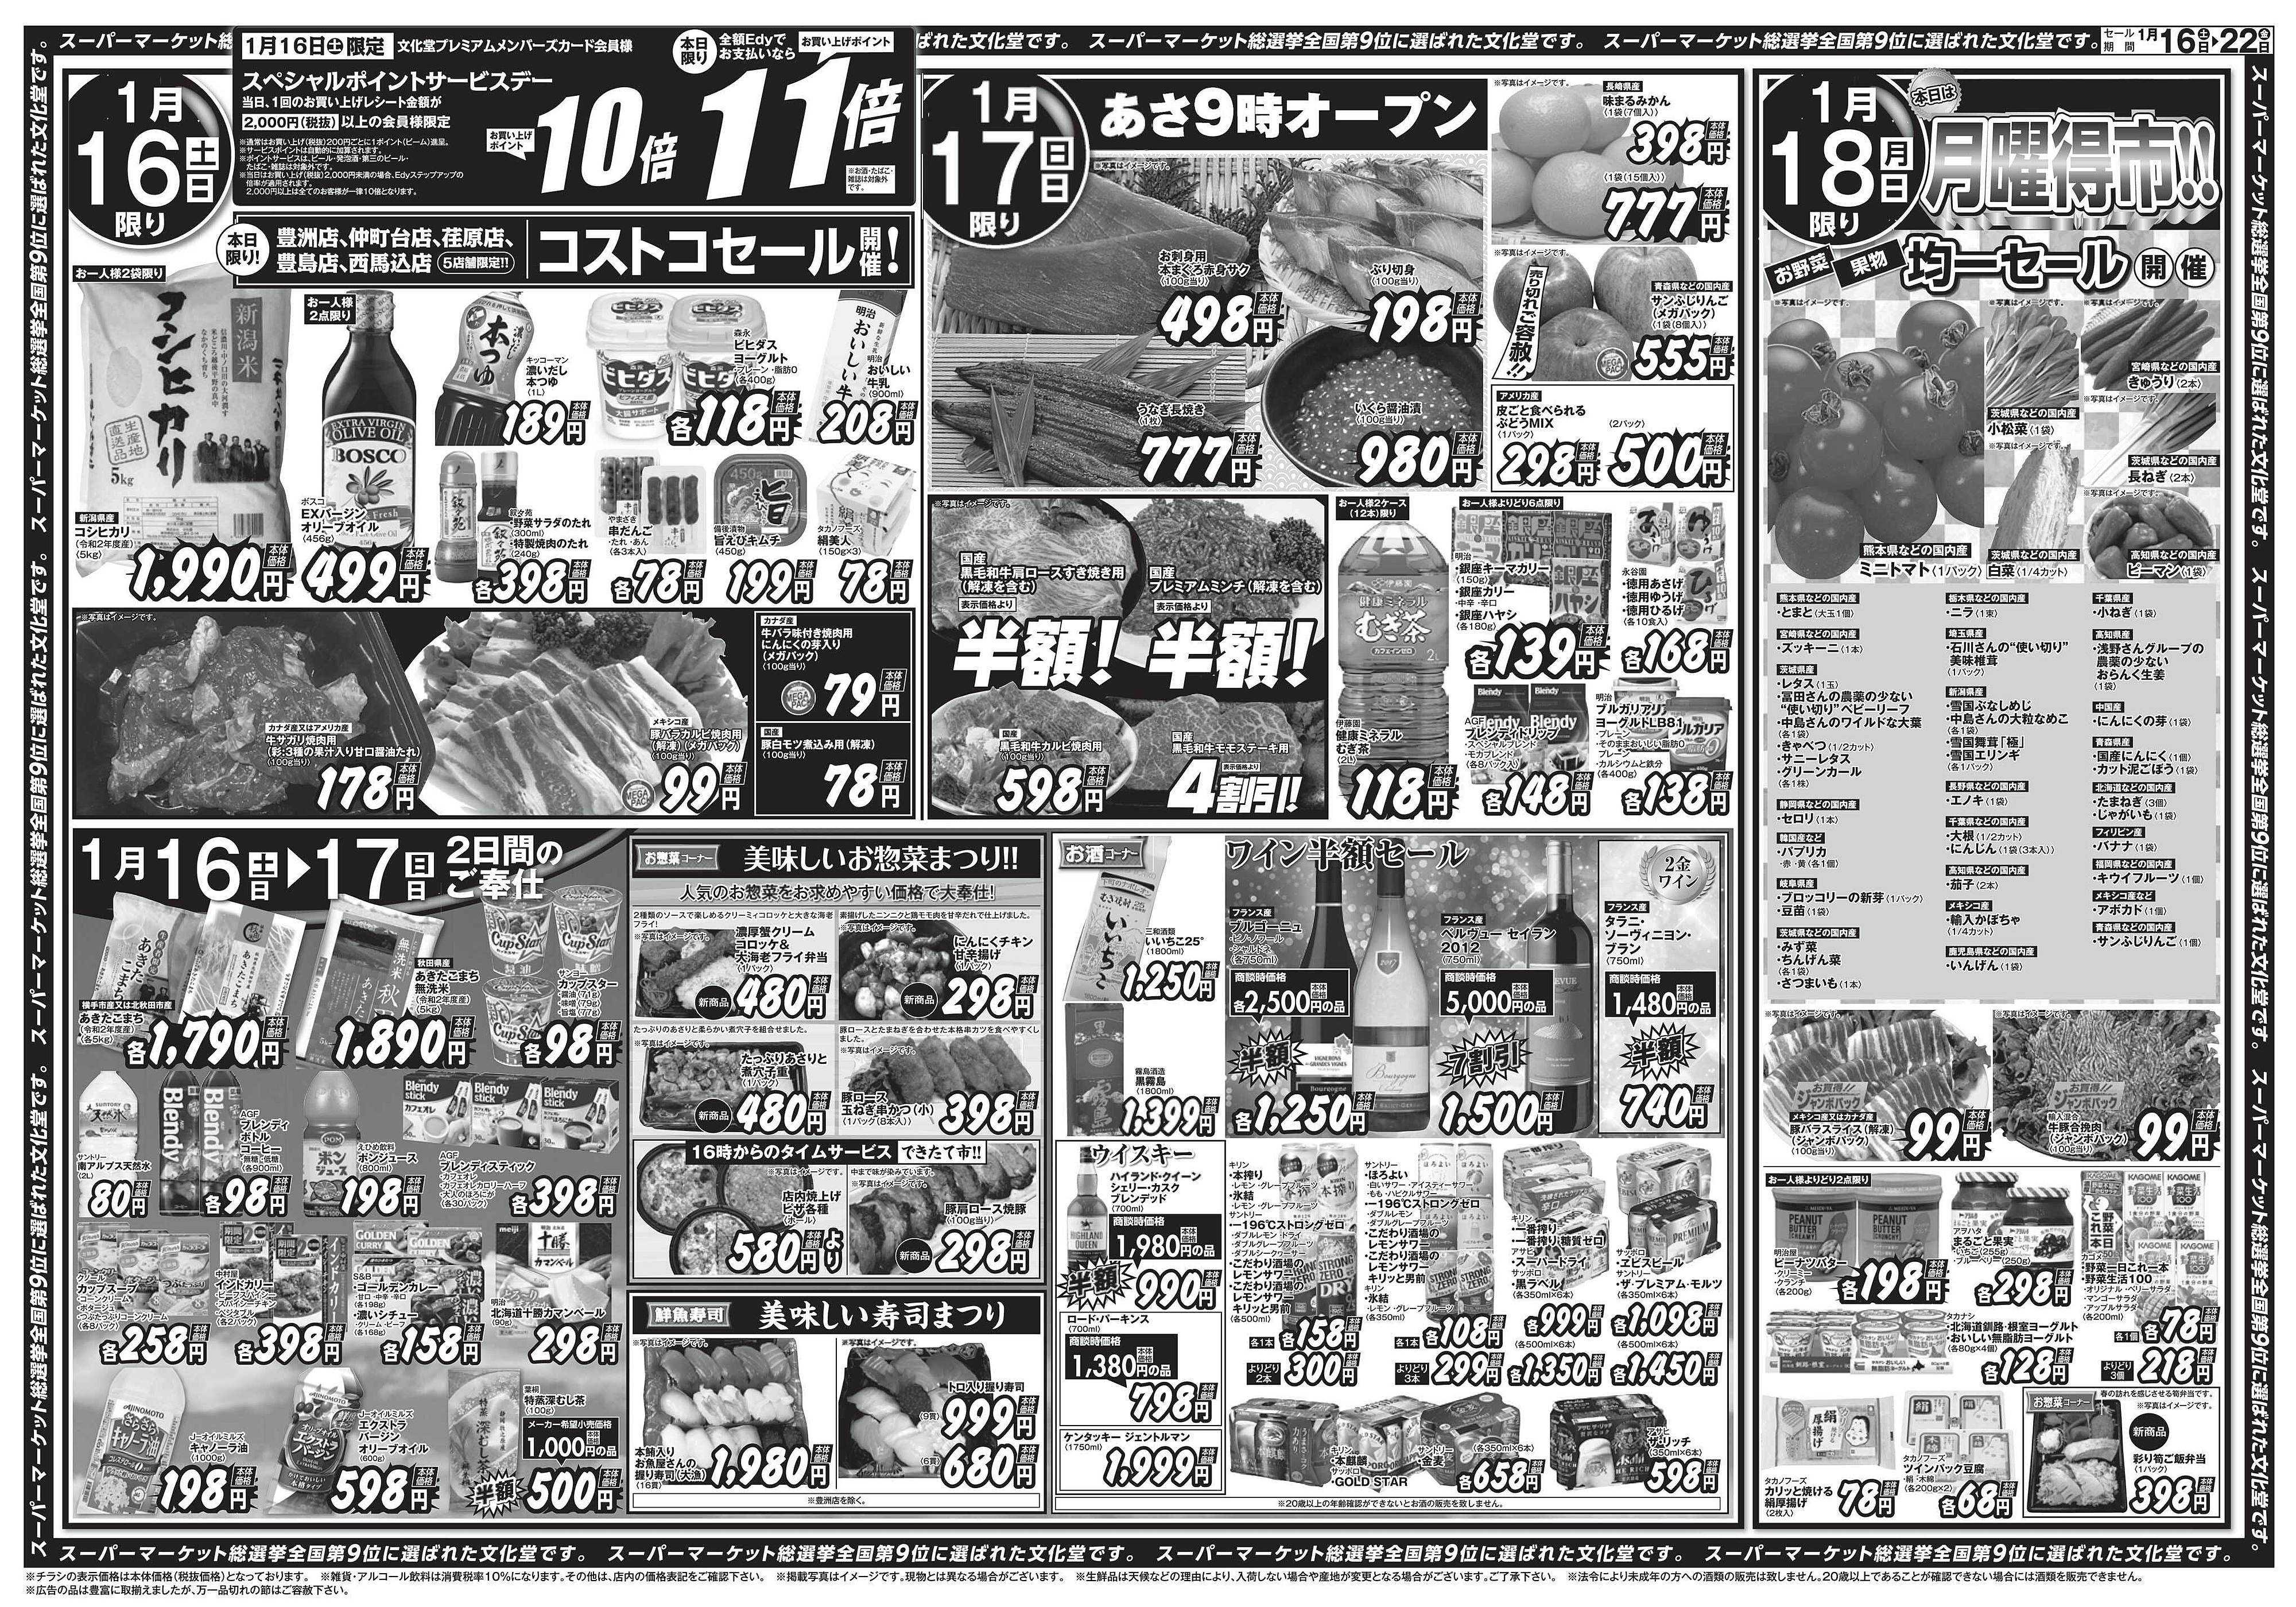 文化堂 今週のお買得情報!!